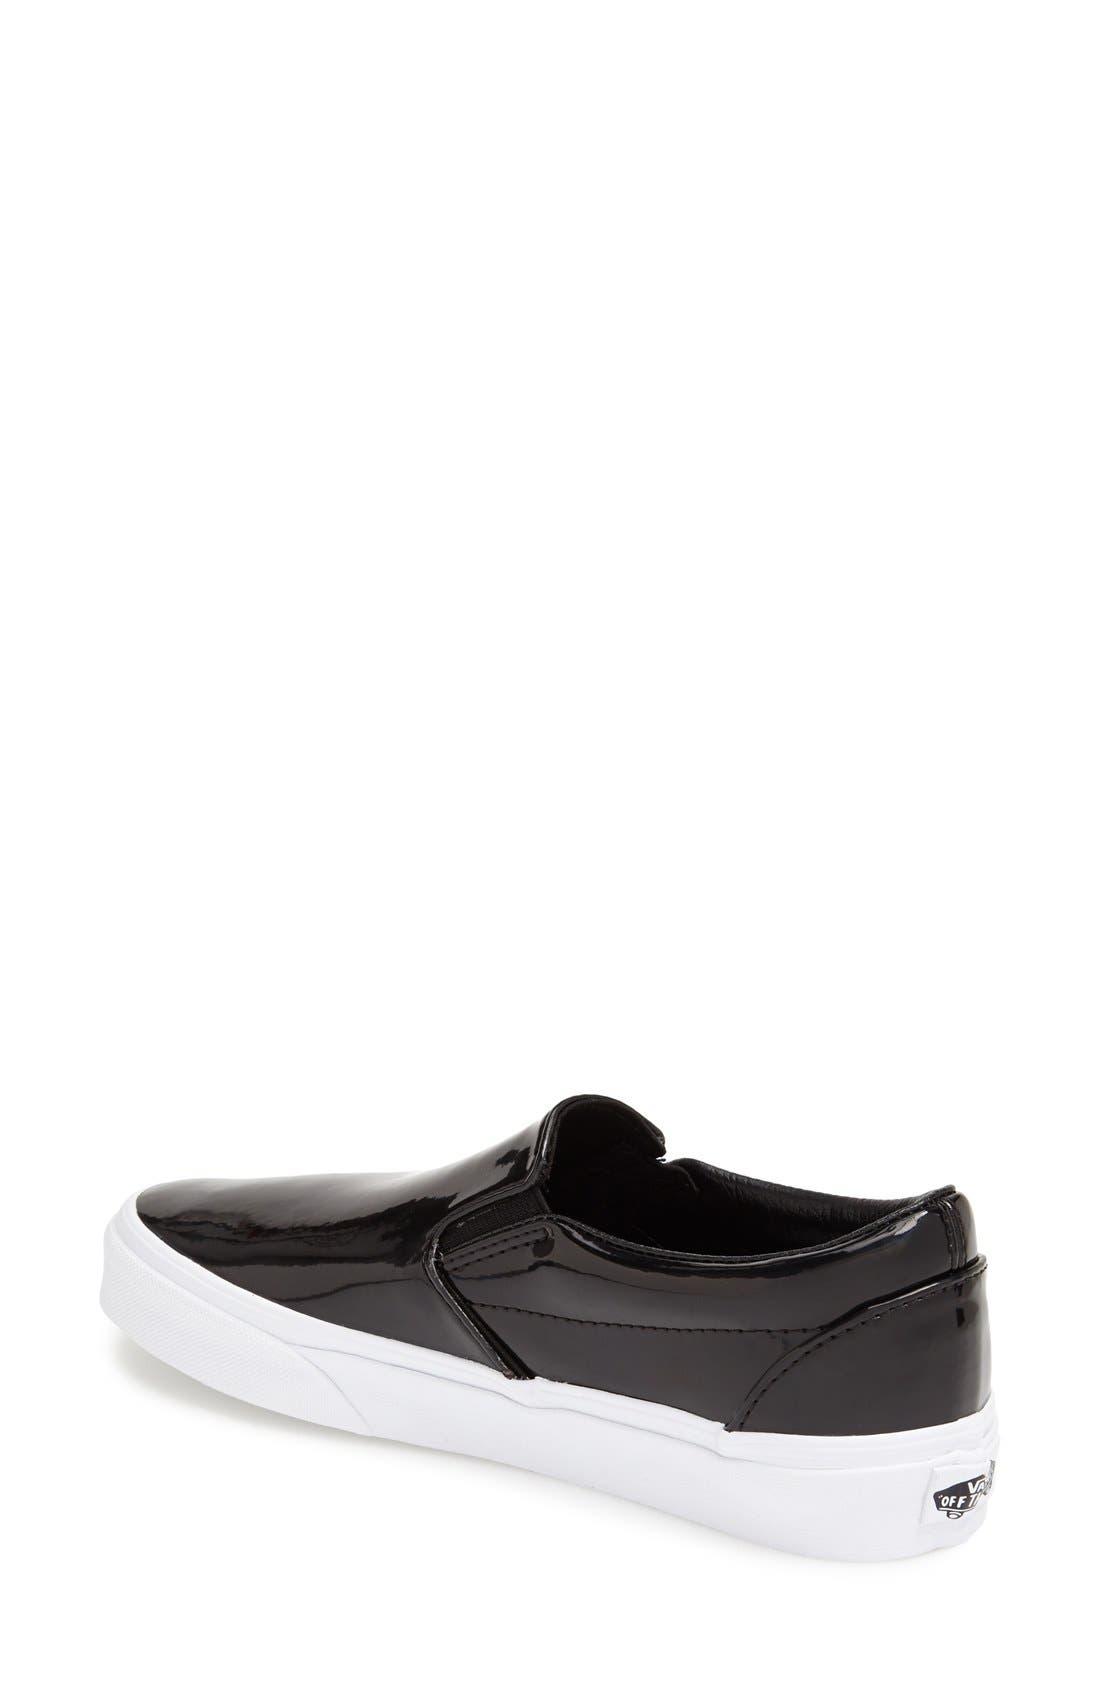 Alternate Image 2  - Vans Patent Leather Slip-On Sneaker (Women)